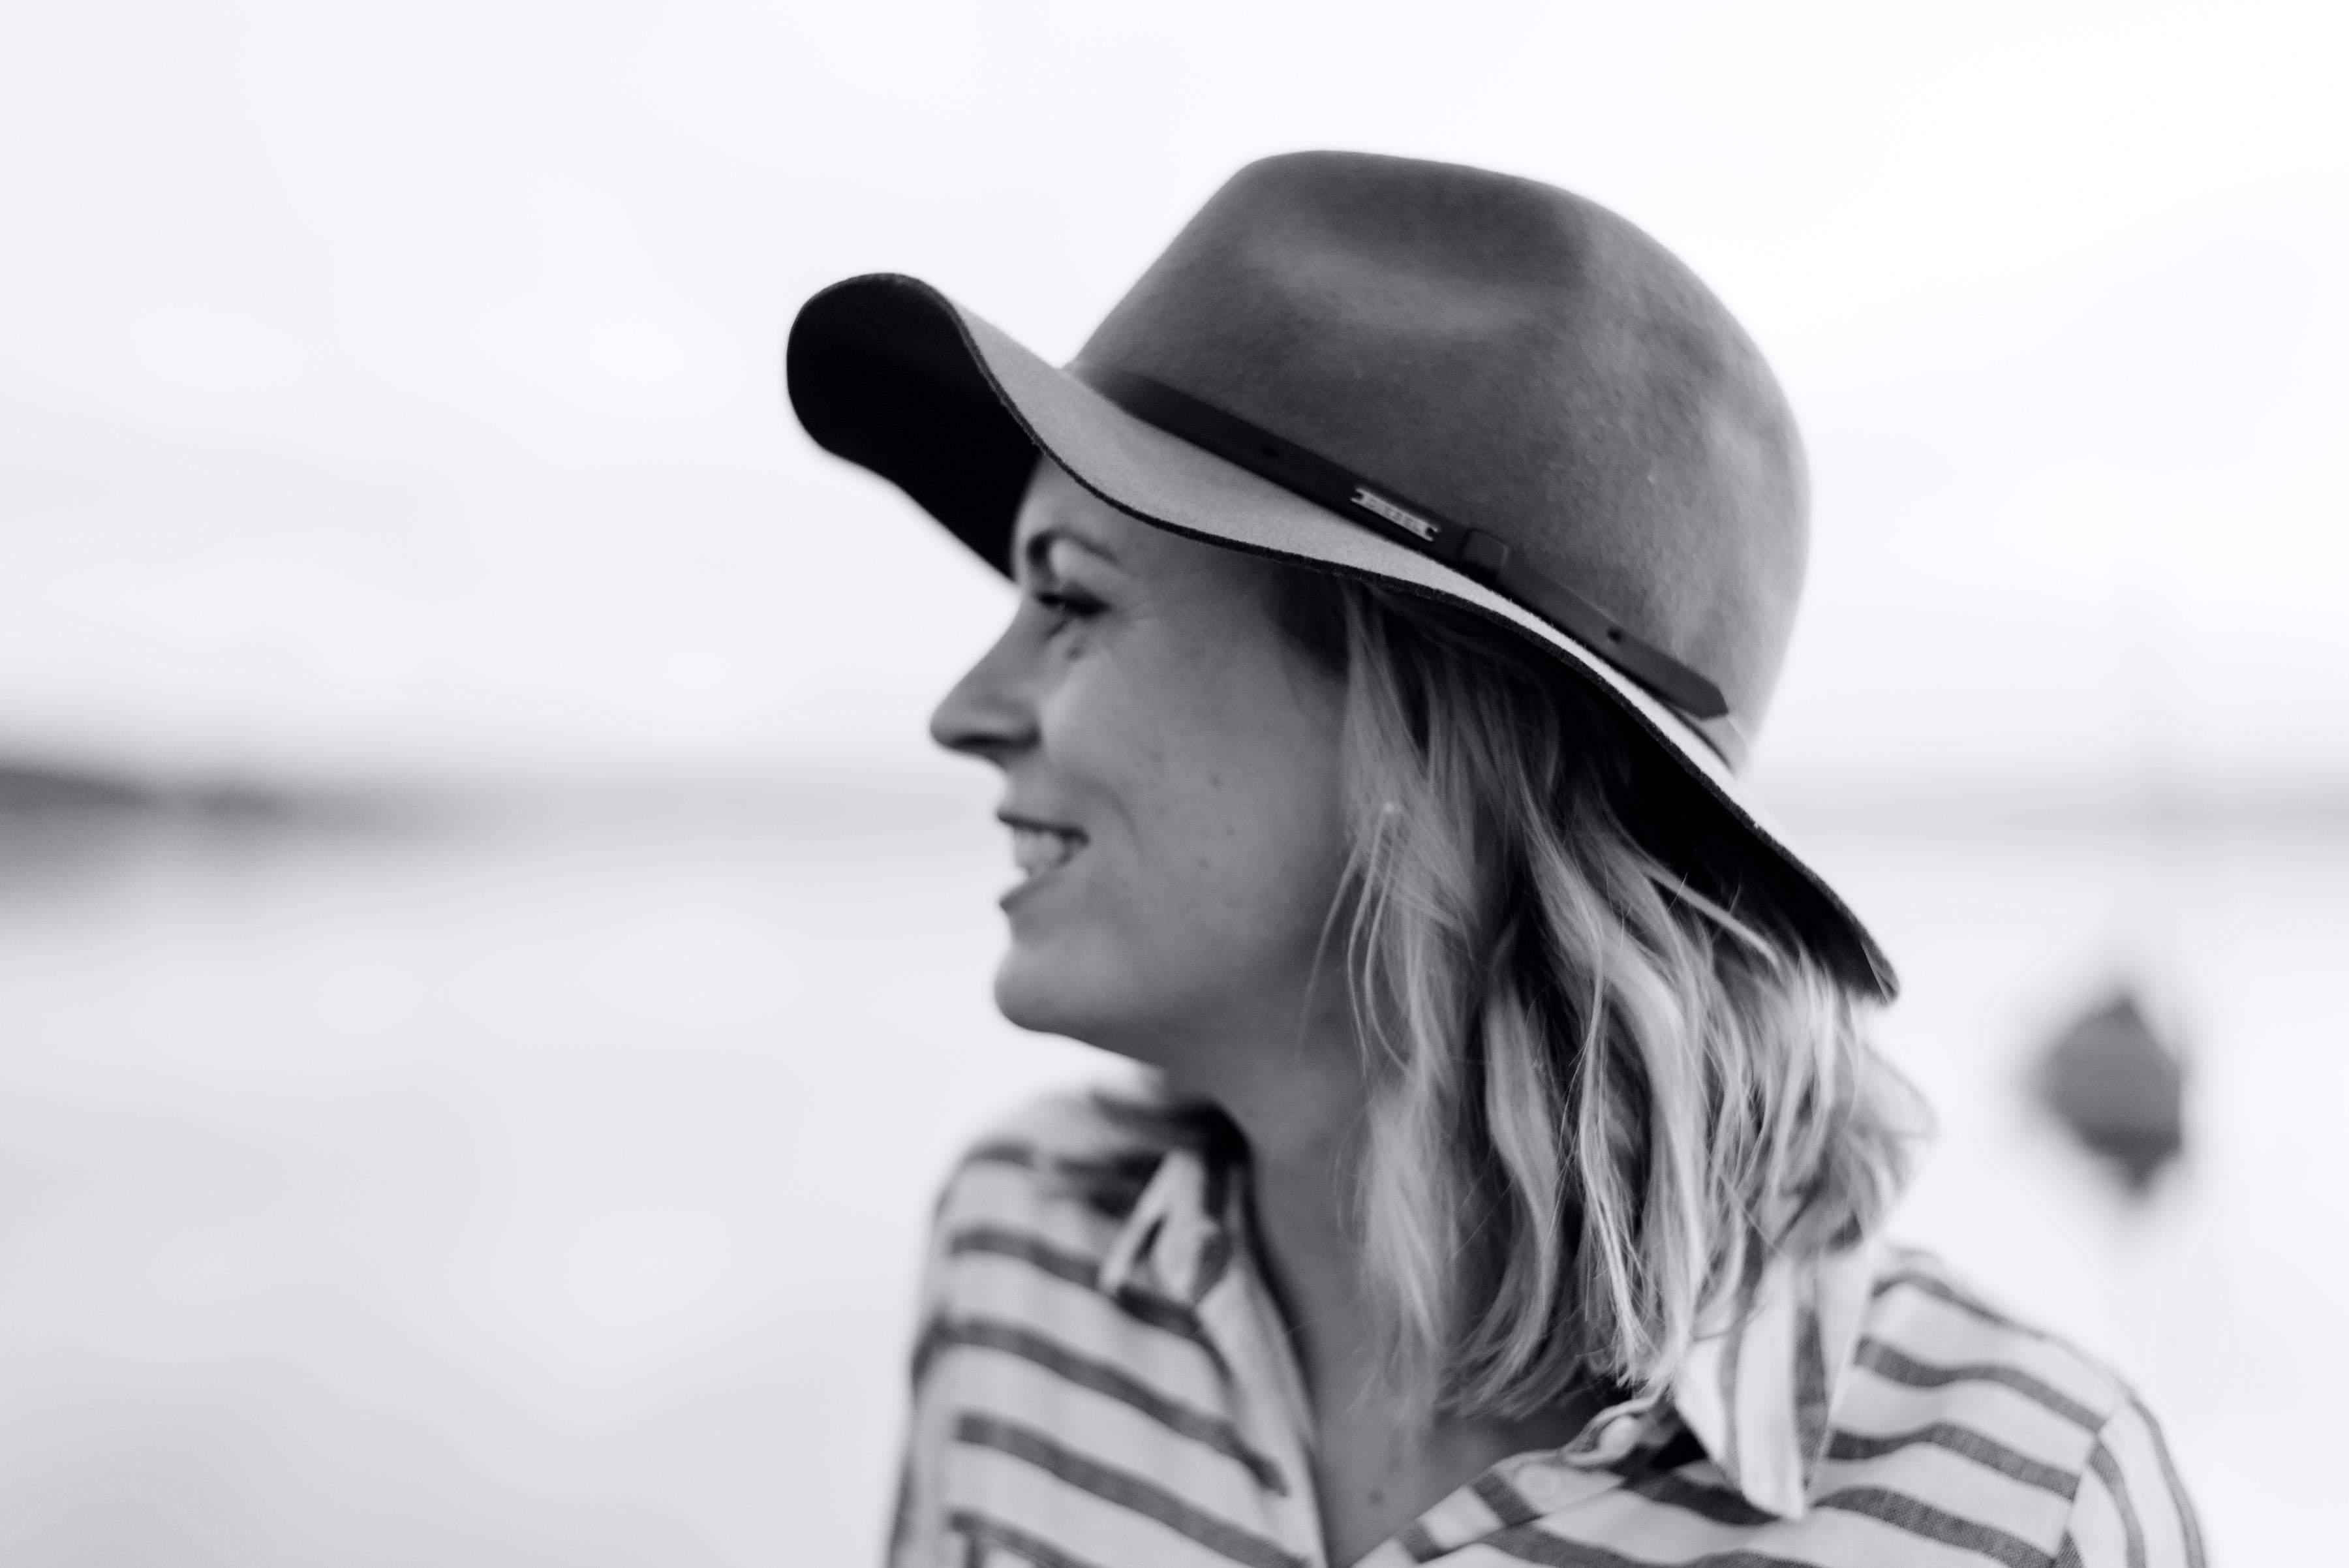 Go to Annett von Loeffelholz's profile